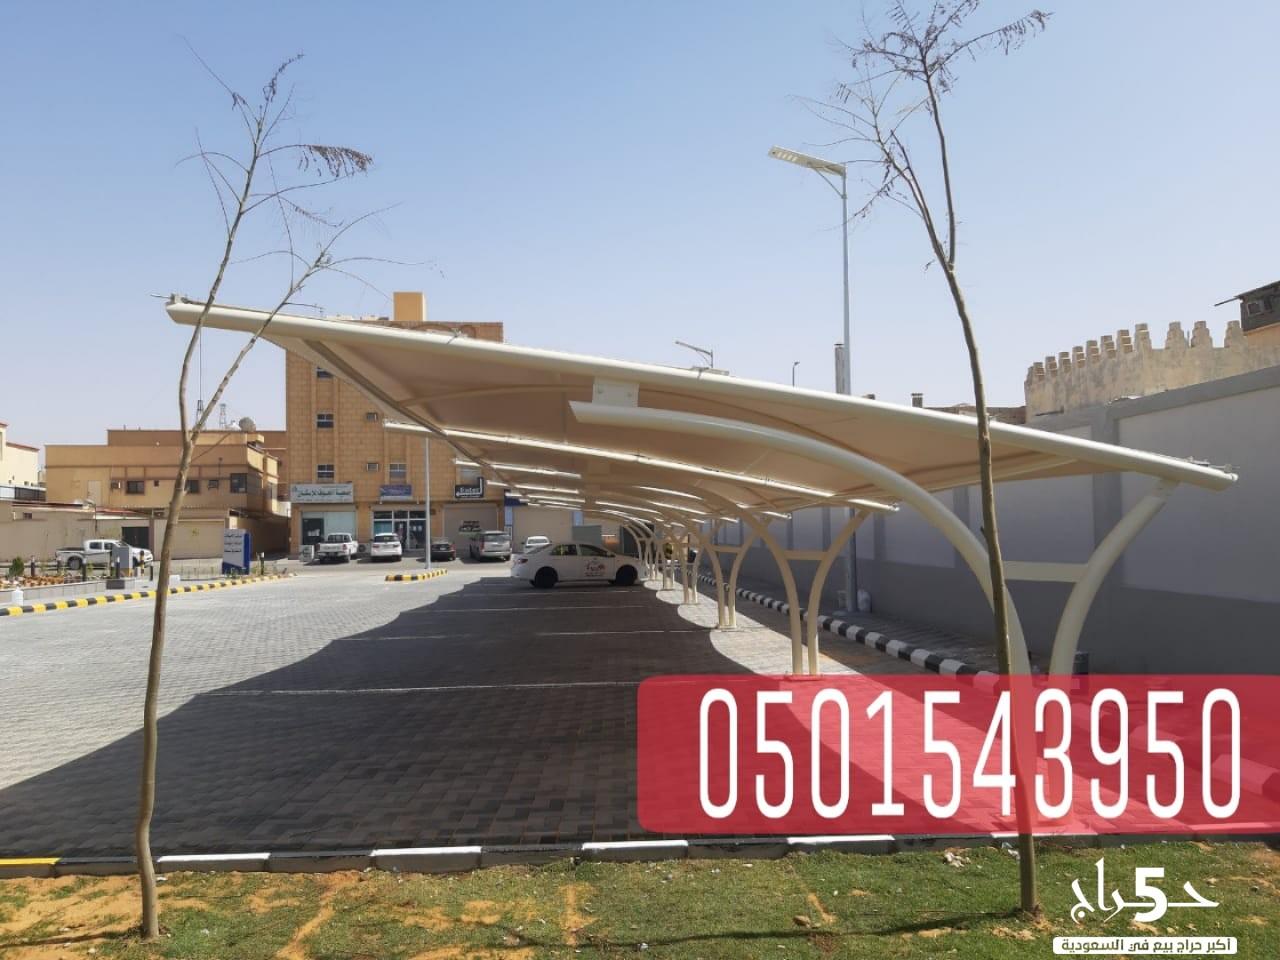 تركيب مظلات في مكة بكافة انواعها , 0501543950